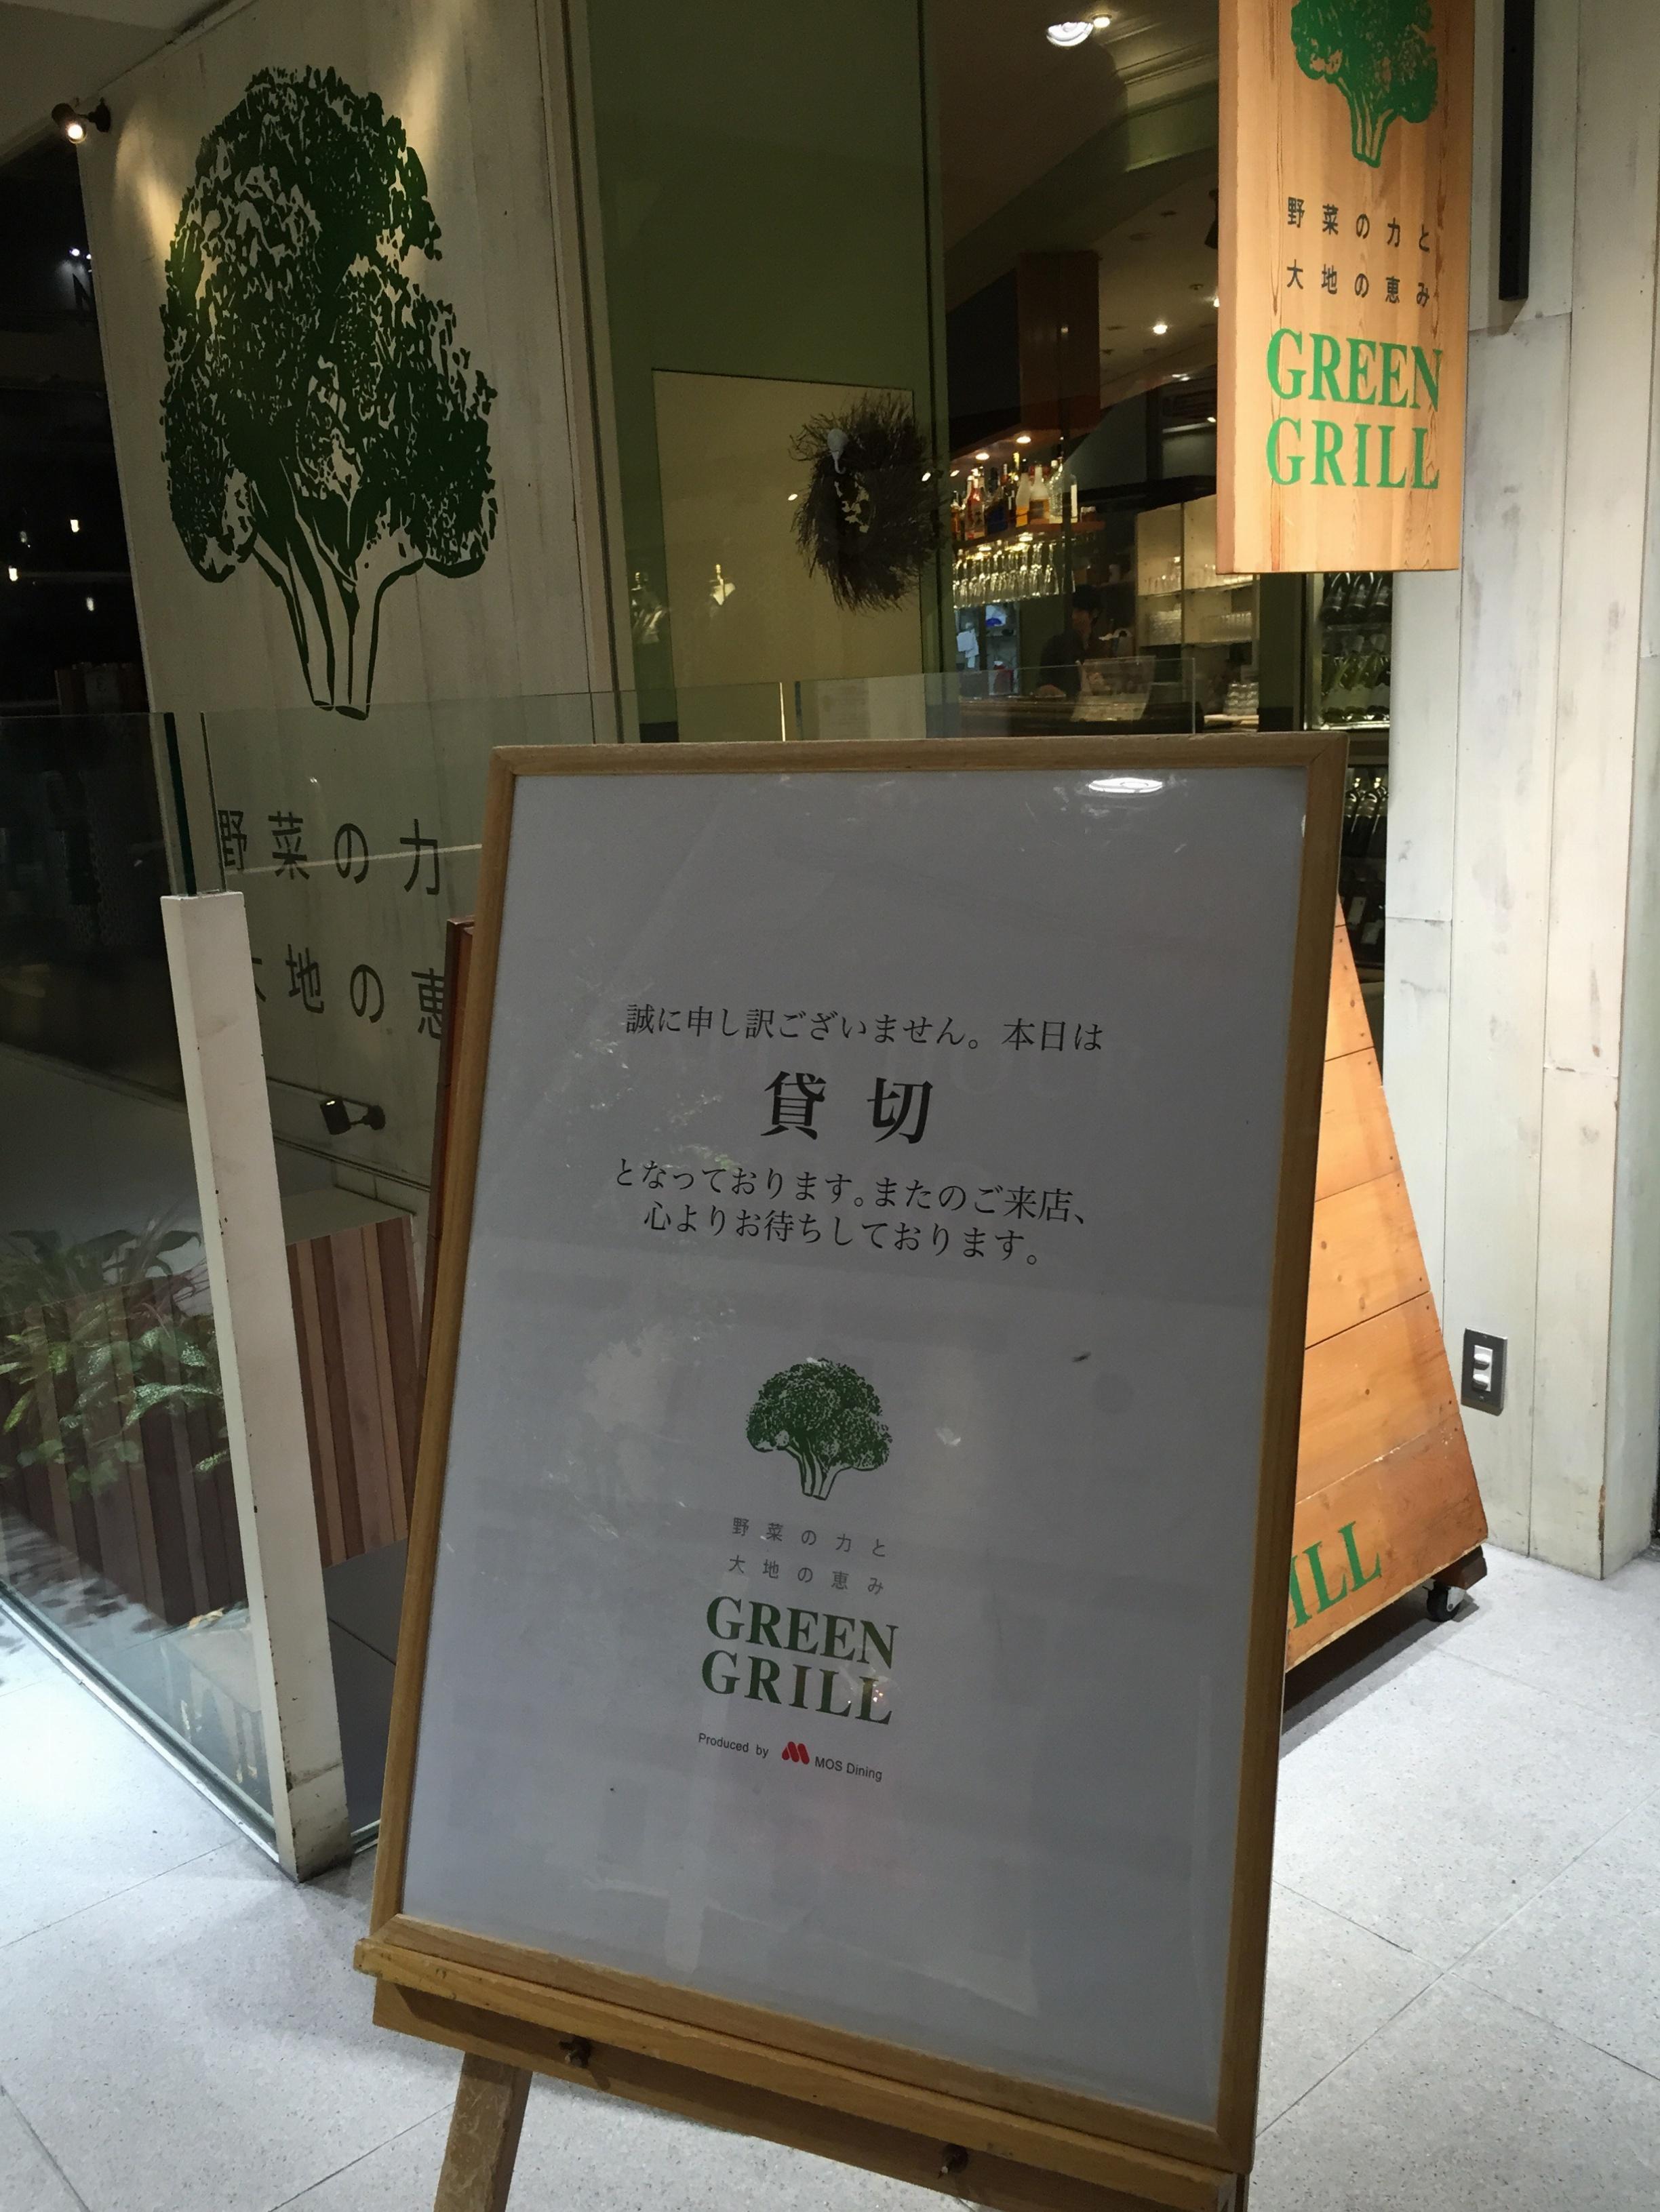 同窓会や結婚式二次会etc...貸切にぴったり✨野菜たっぷりメニューも嬉しい【*GREEN GRILL*】_2